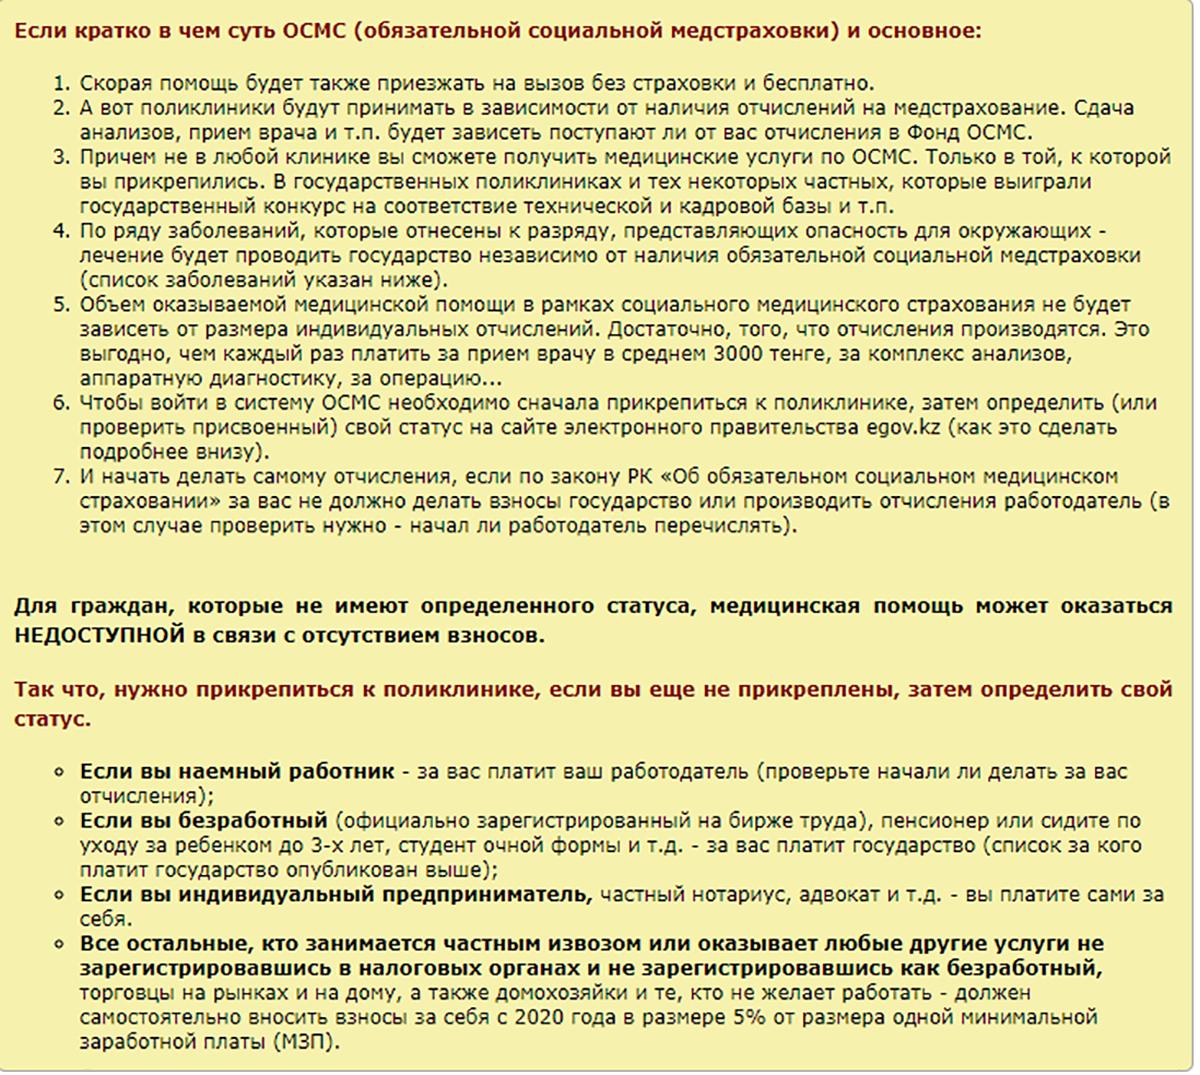 Внедрение ОСМС в Казахстане с 1 января 2020 года, кто и сколько будет платить, пакеты ГОБМП и ОСМС, суть ОСМС